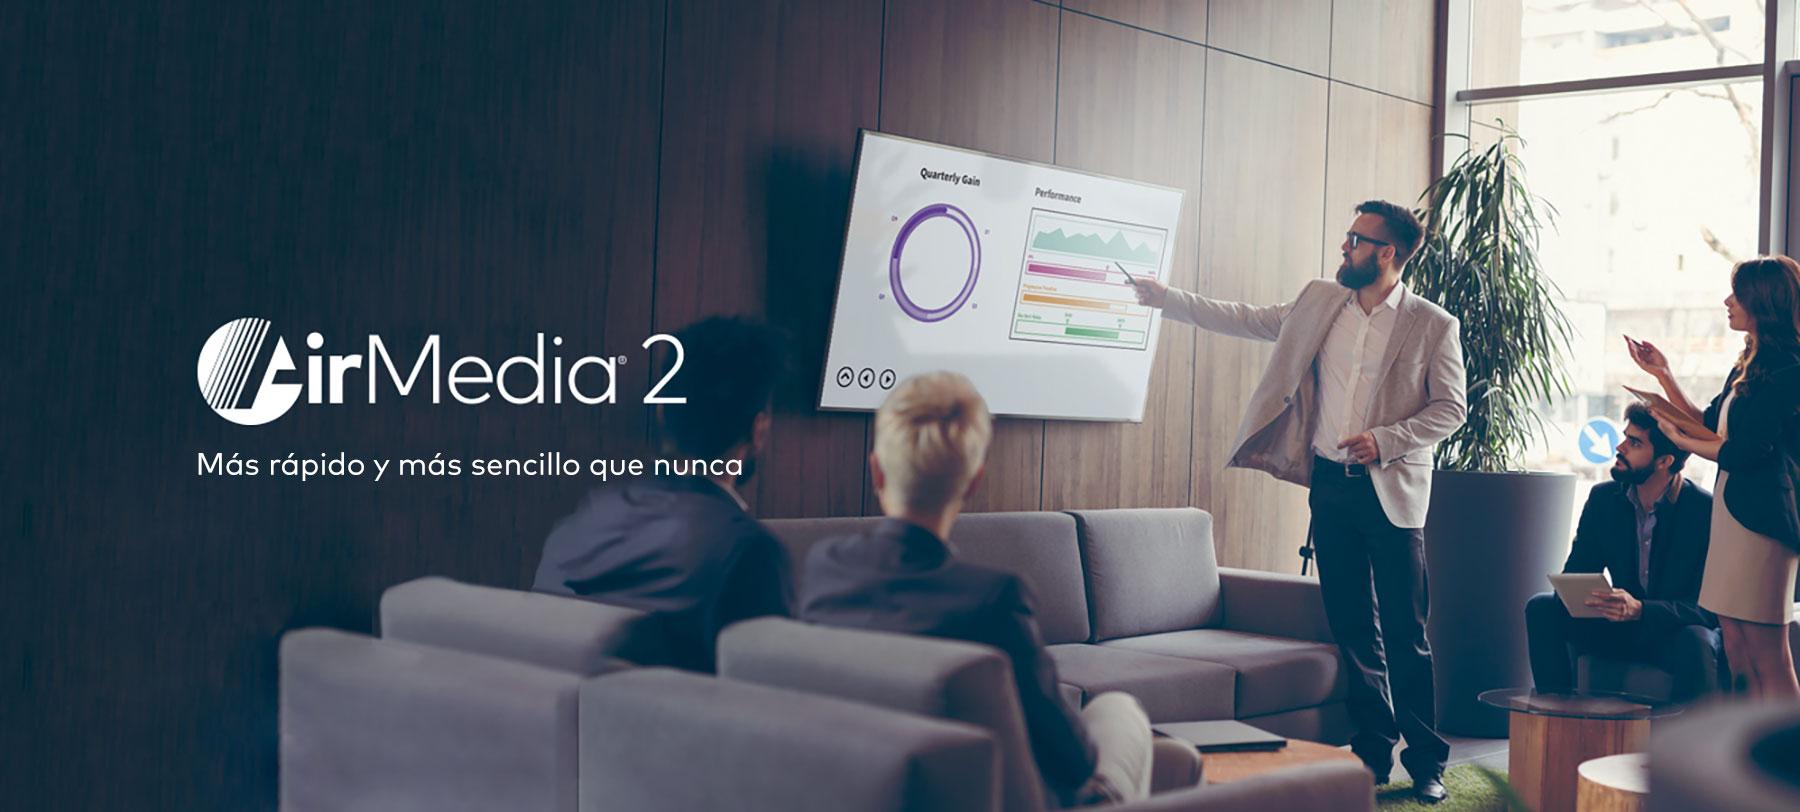 Tecnología de presentación: AirMedia 2.0, la vanguardia de Crestron